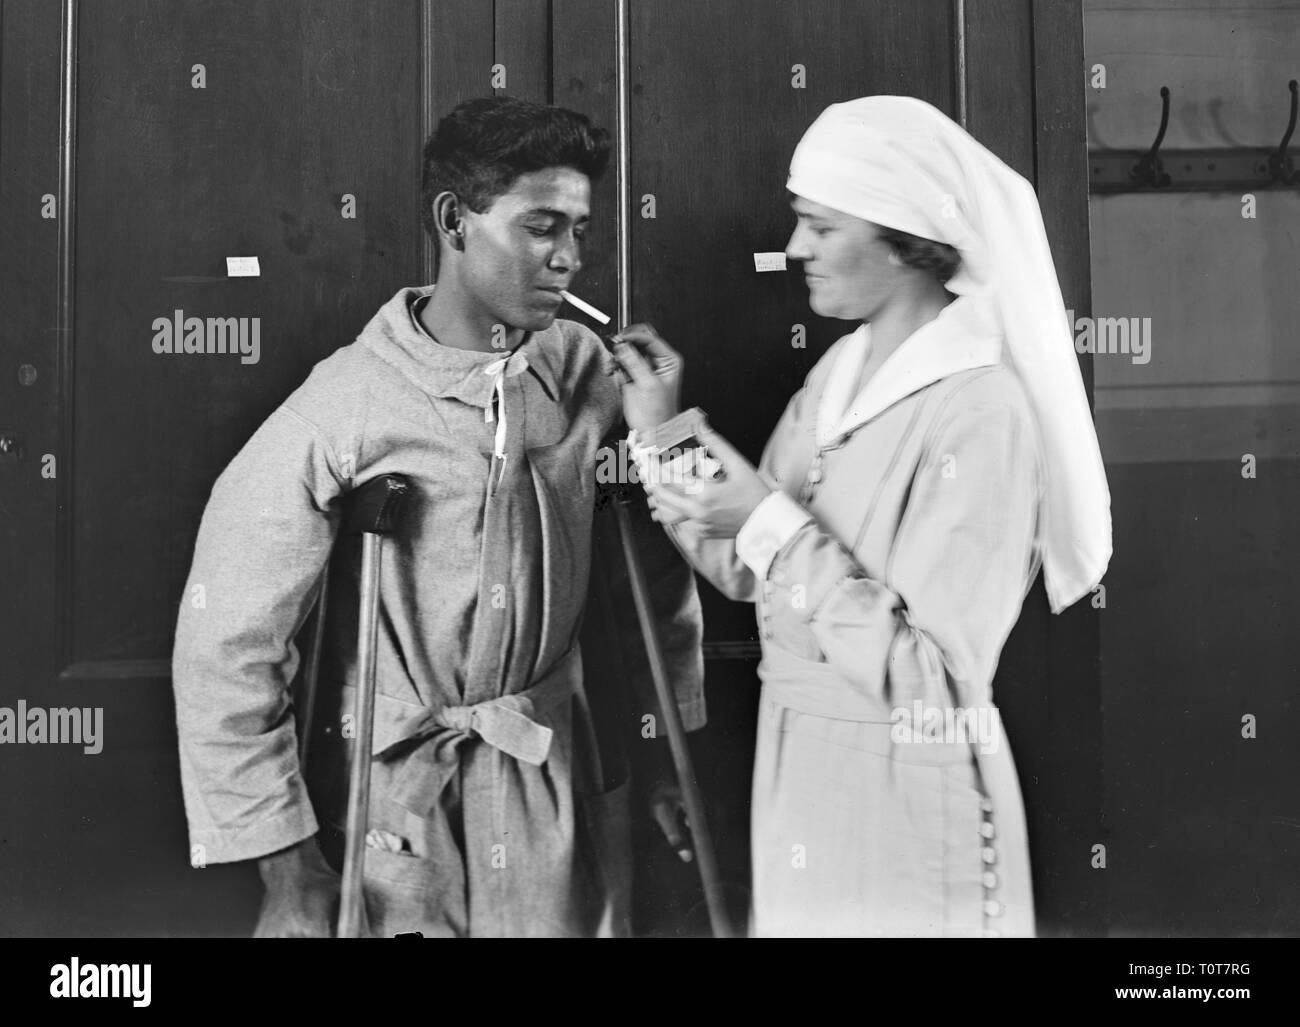 Krankenschwester leuchtet eine Zigarette für einen Patienten, Mexikanische junge bekommt einen Rauch aus dem Amerikanischen Roten Kreuz Dame 1918 Stockbild